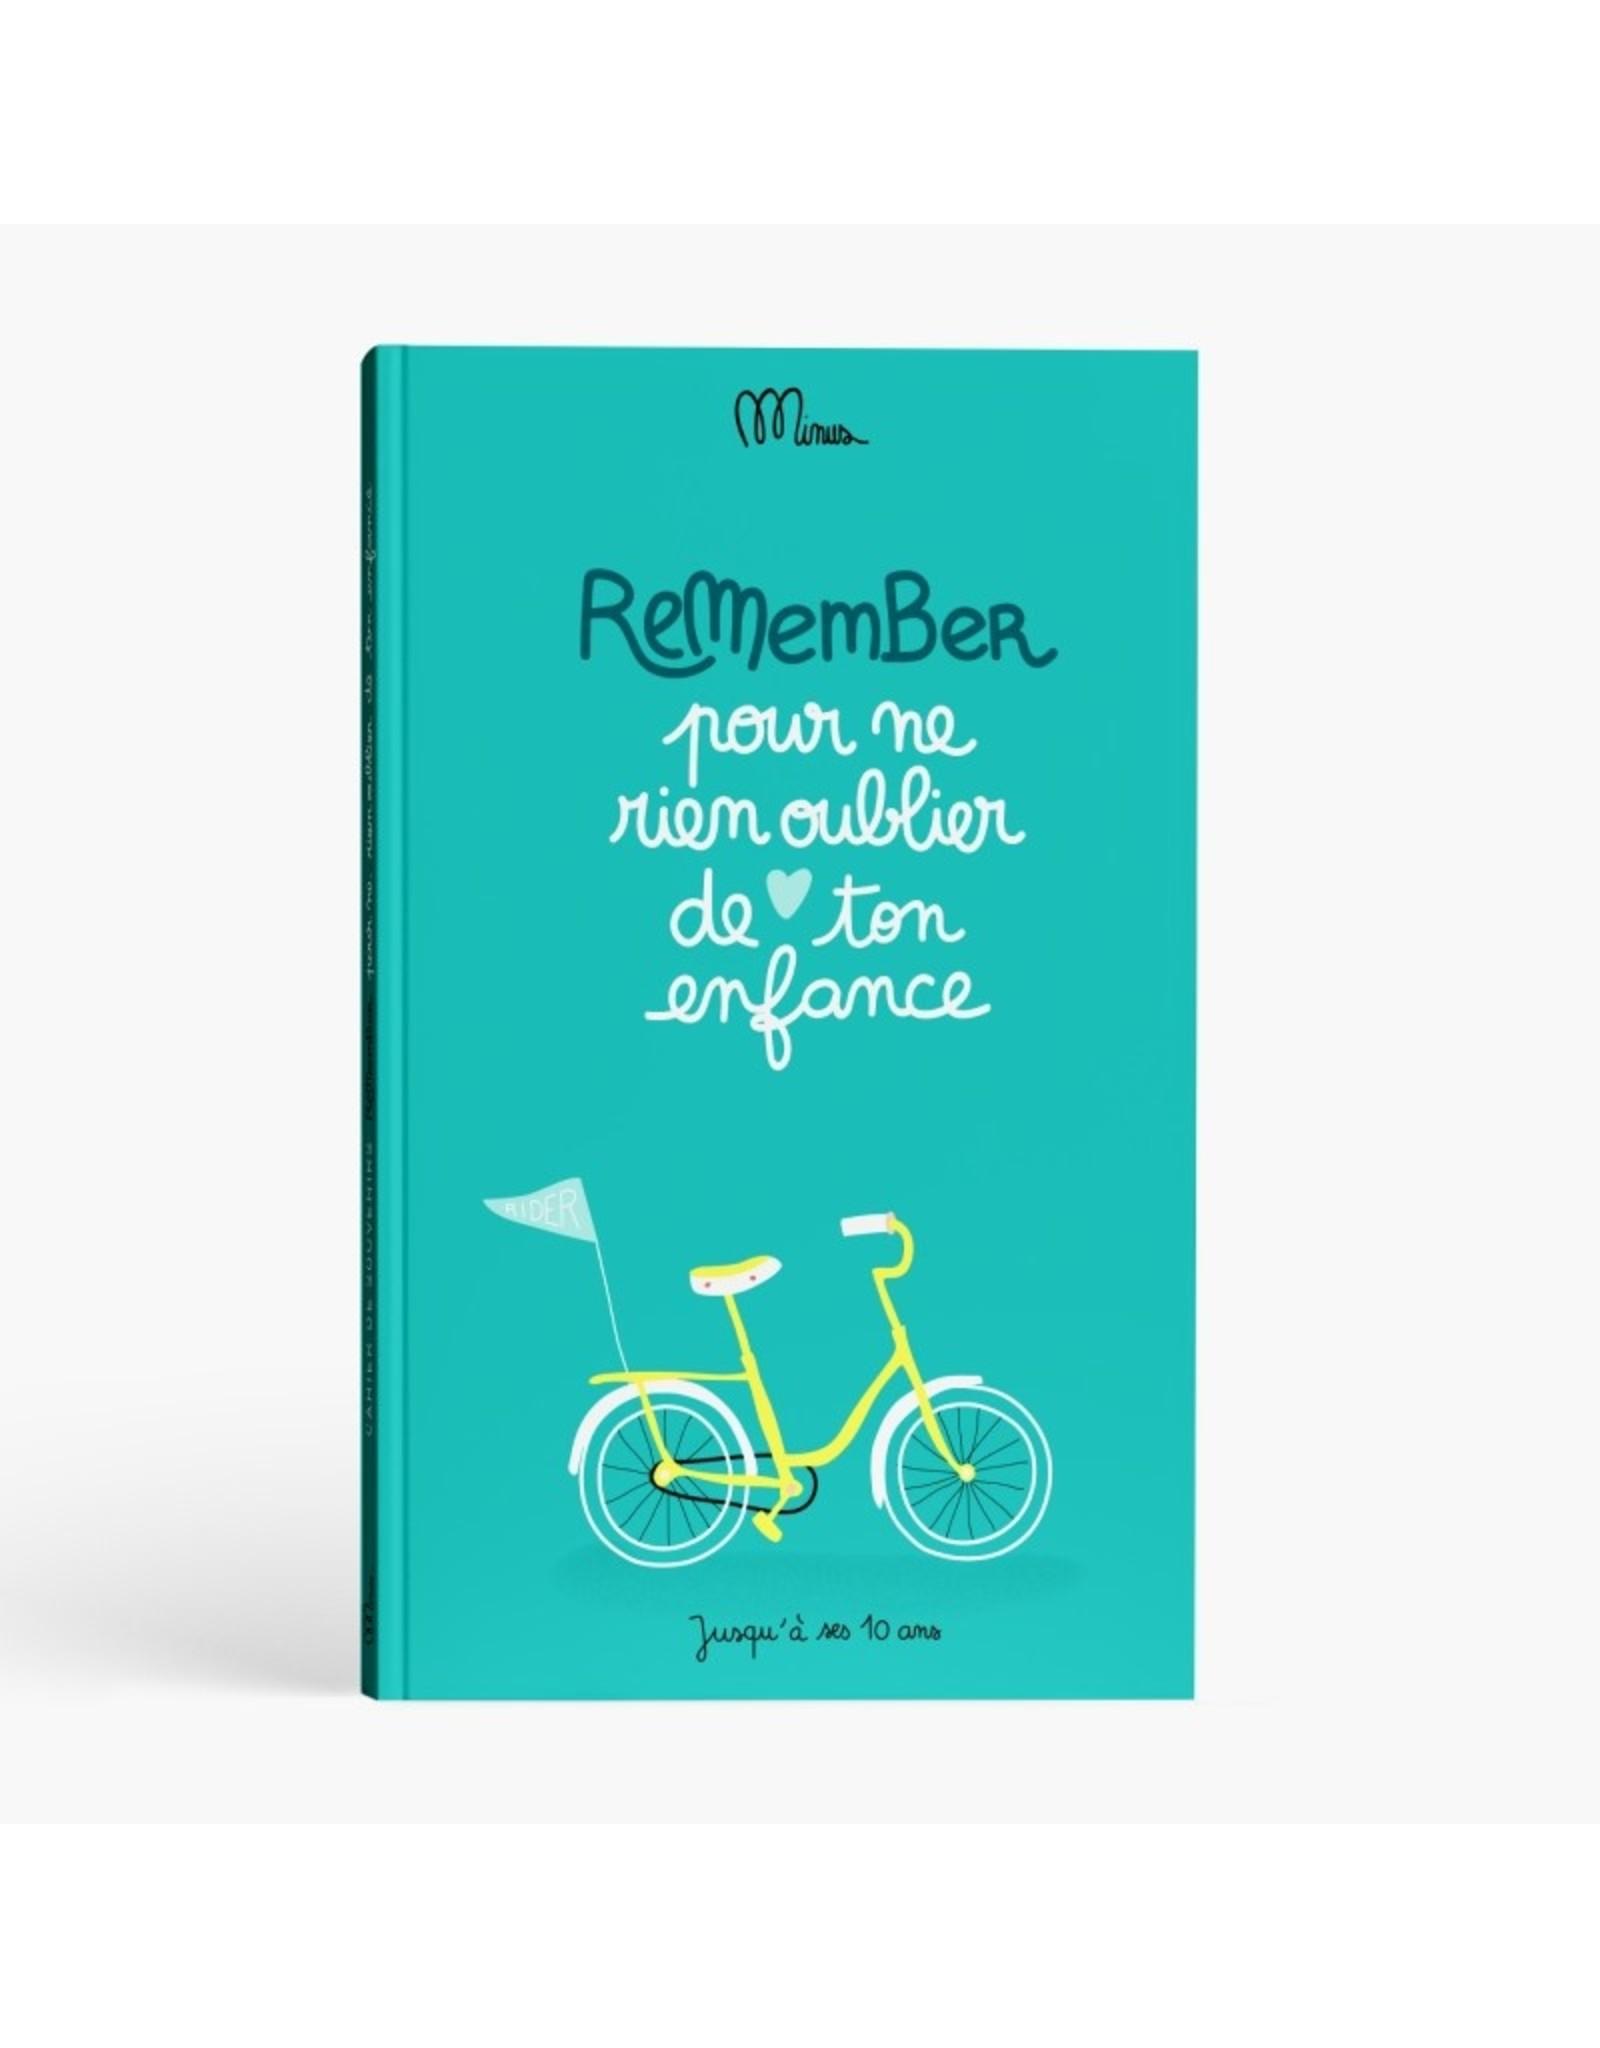 Minus édition Pour ne rien oublier de ton enfance